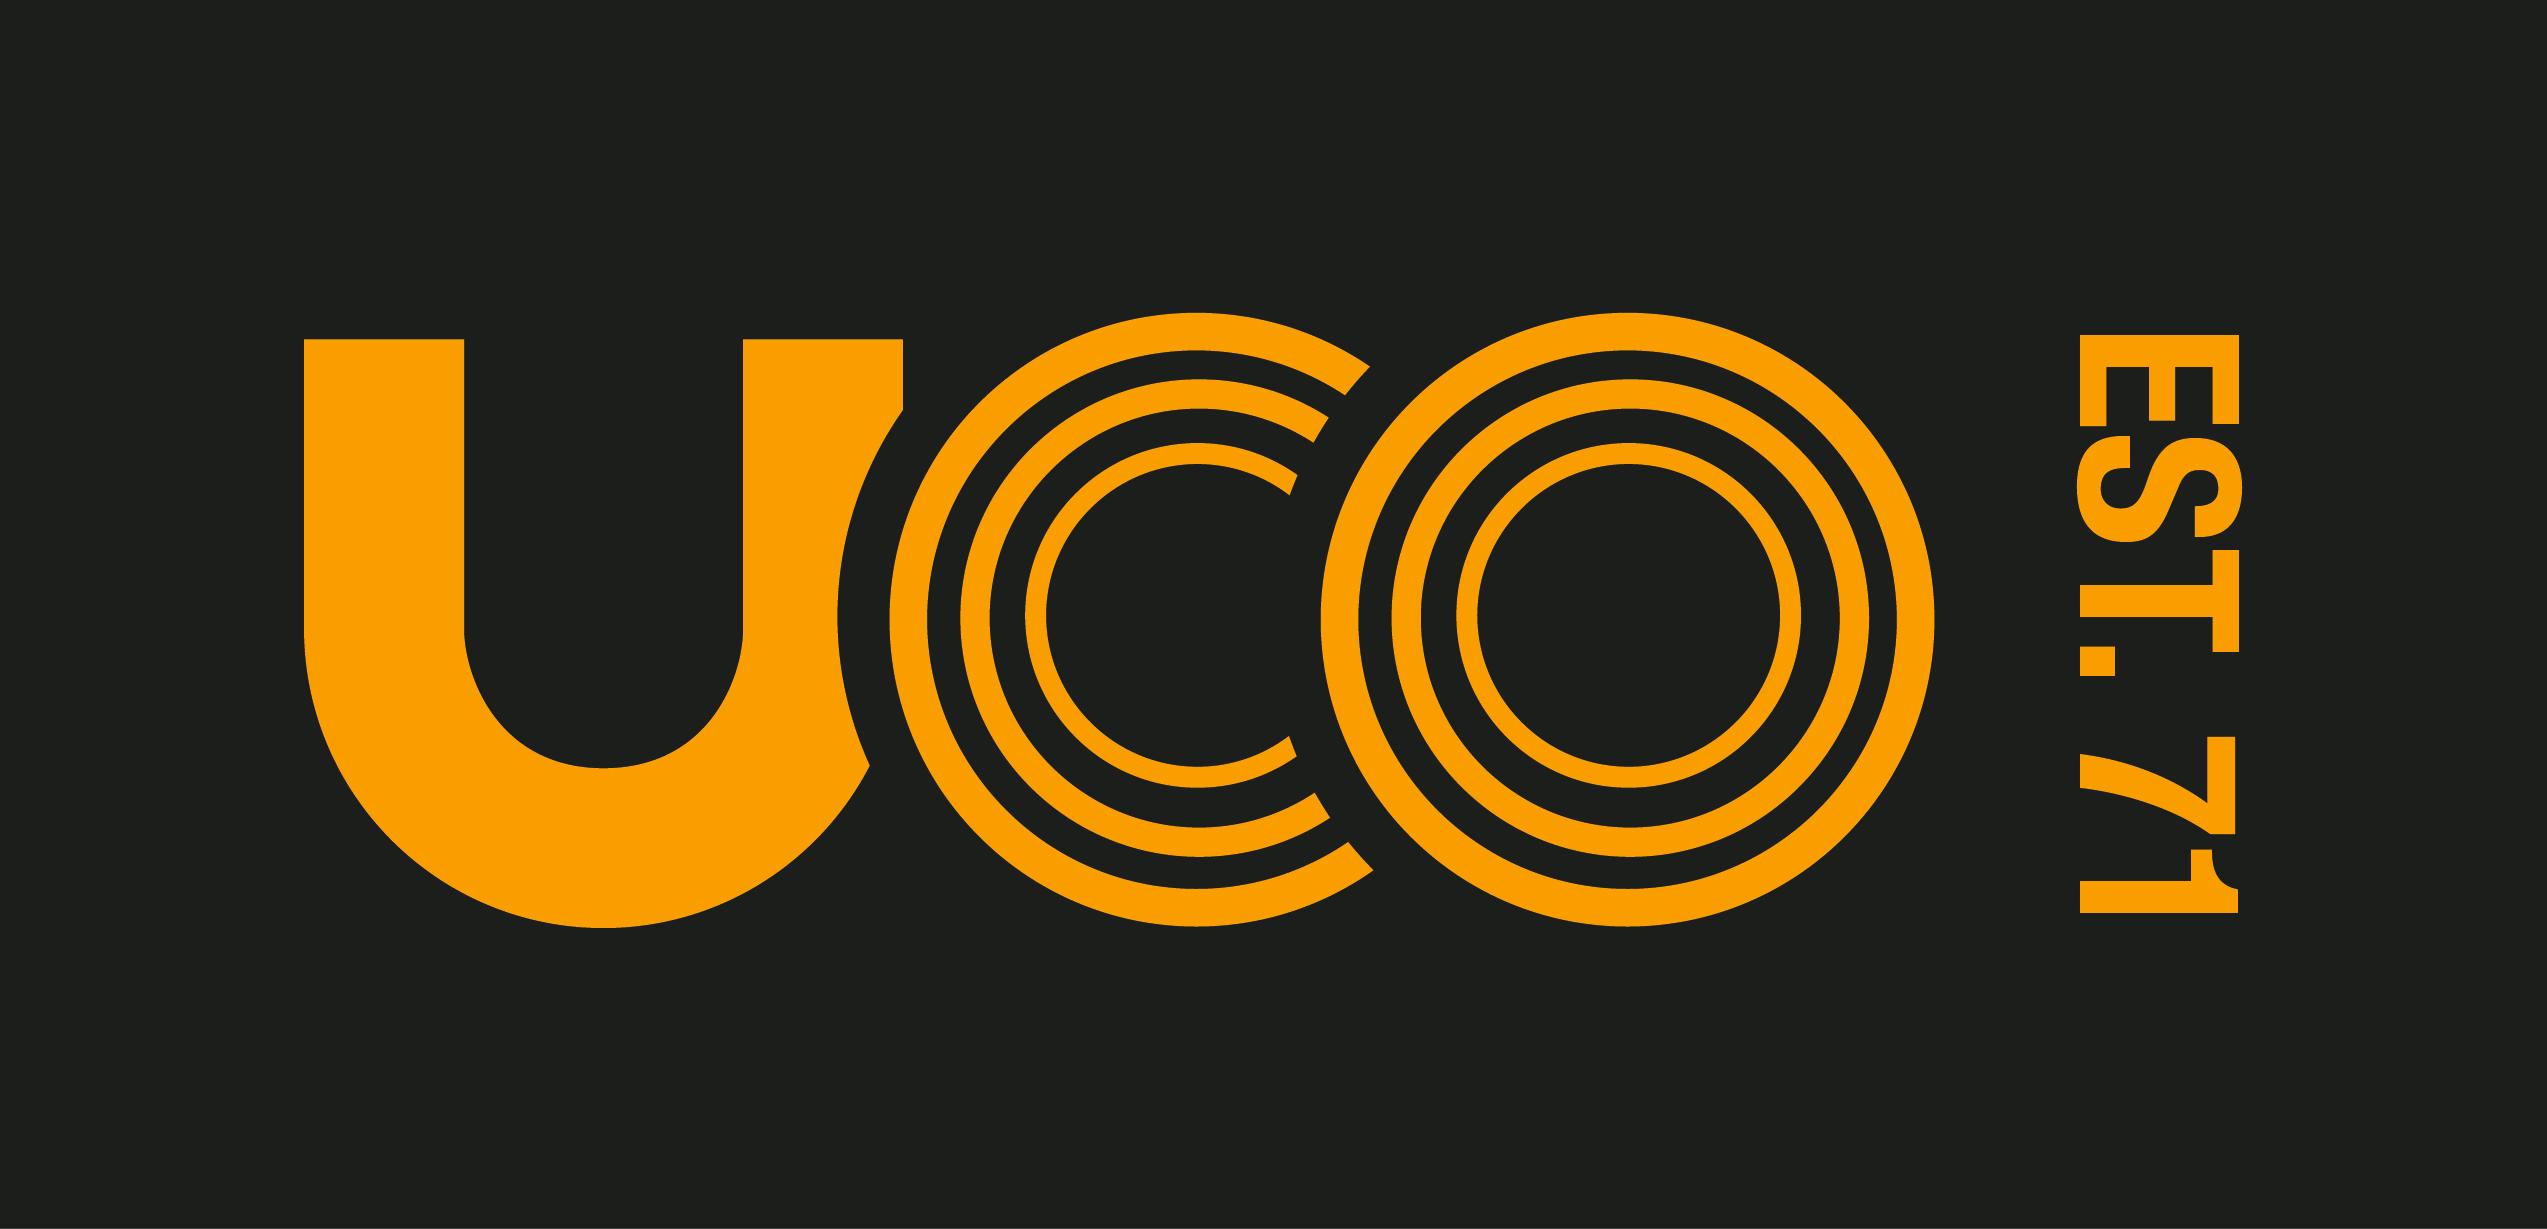 UCO-logo_Est-71_2014_Pantone-01